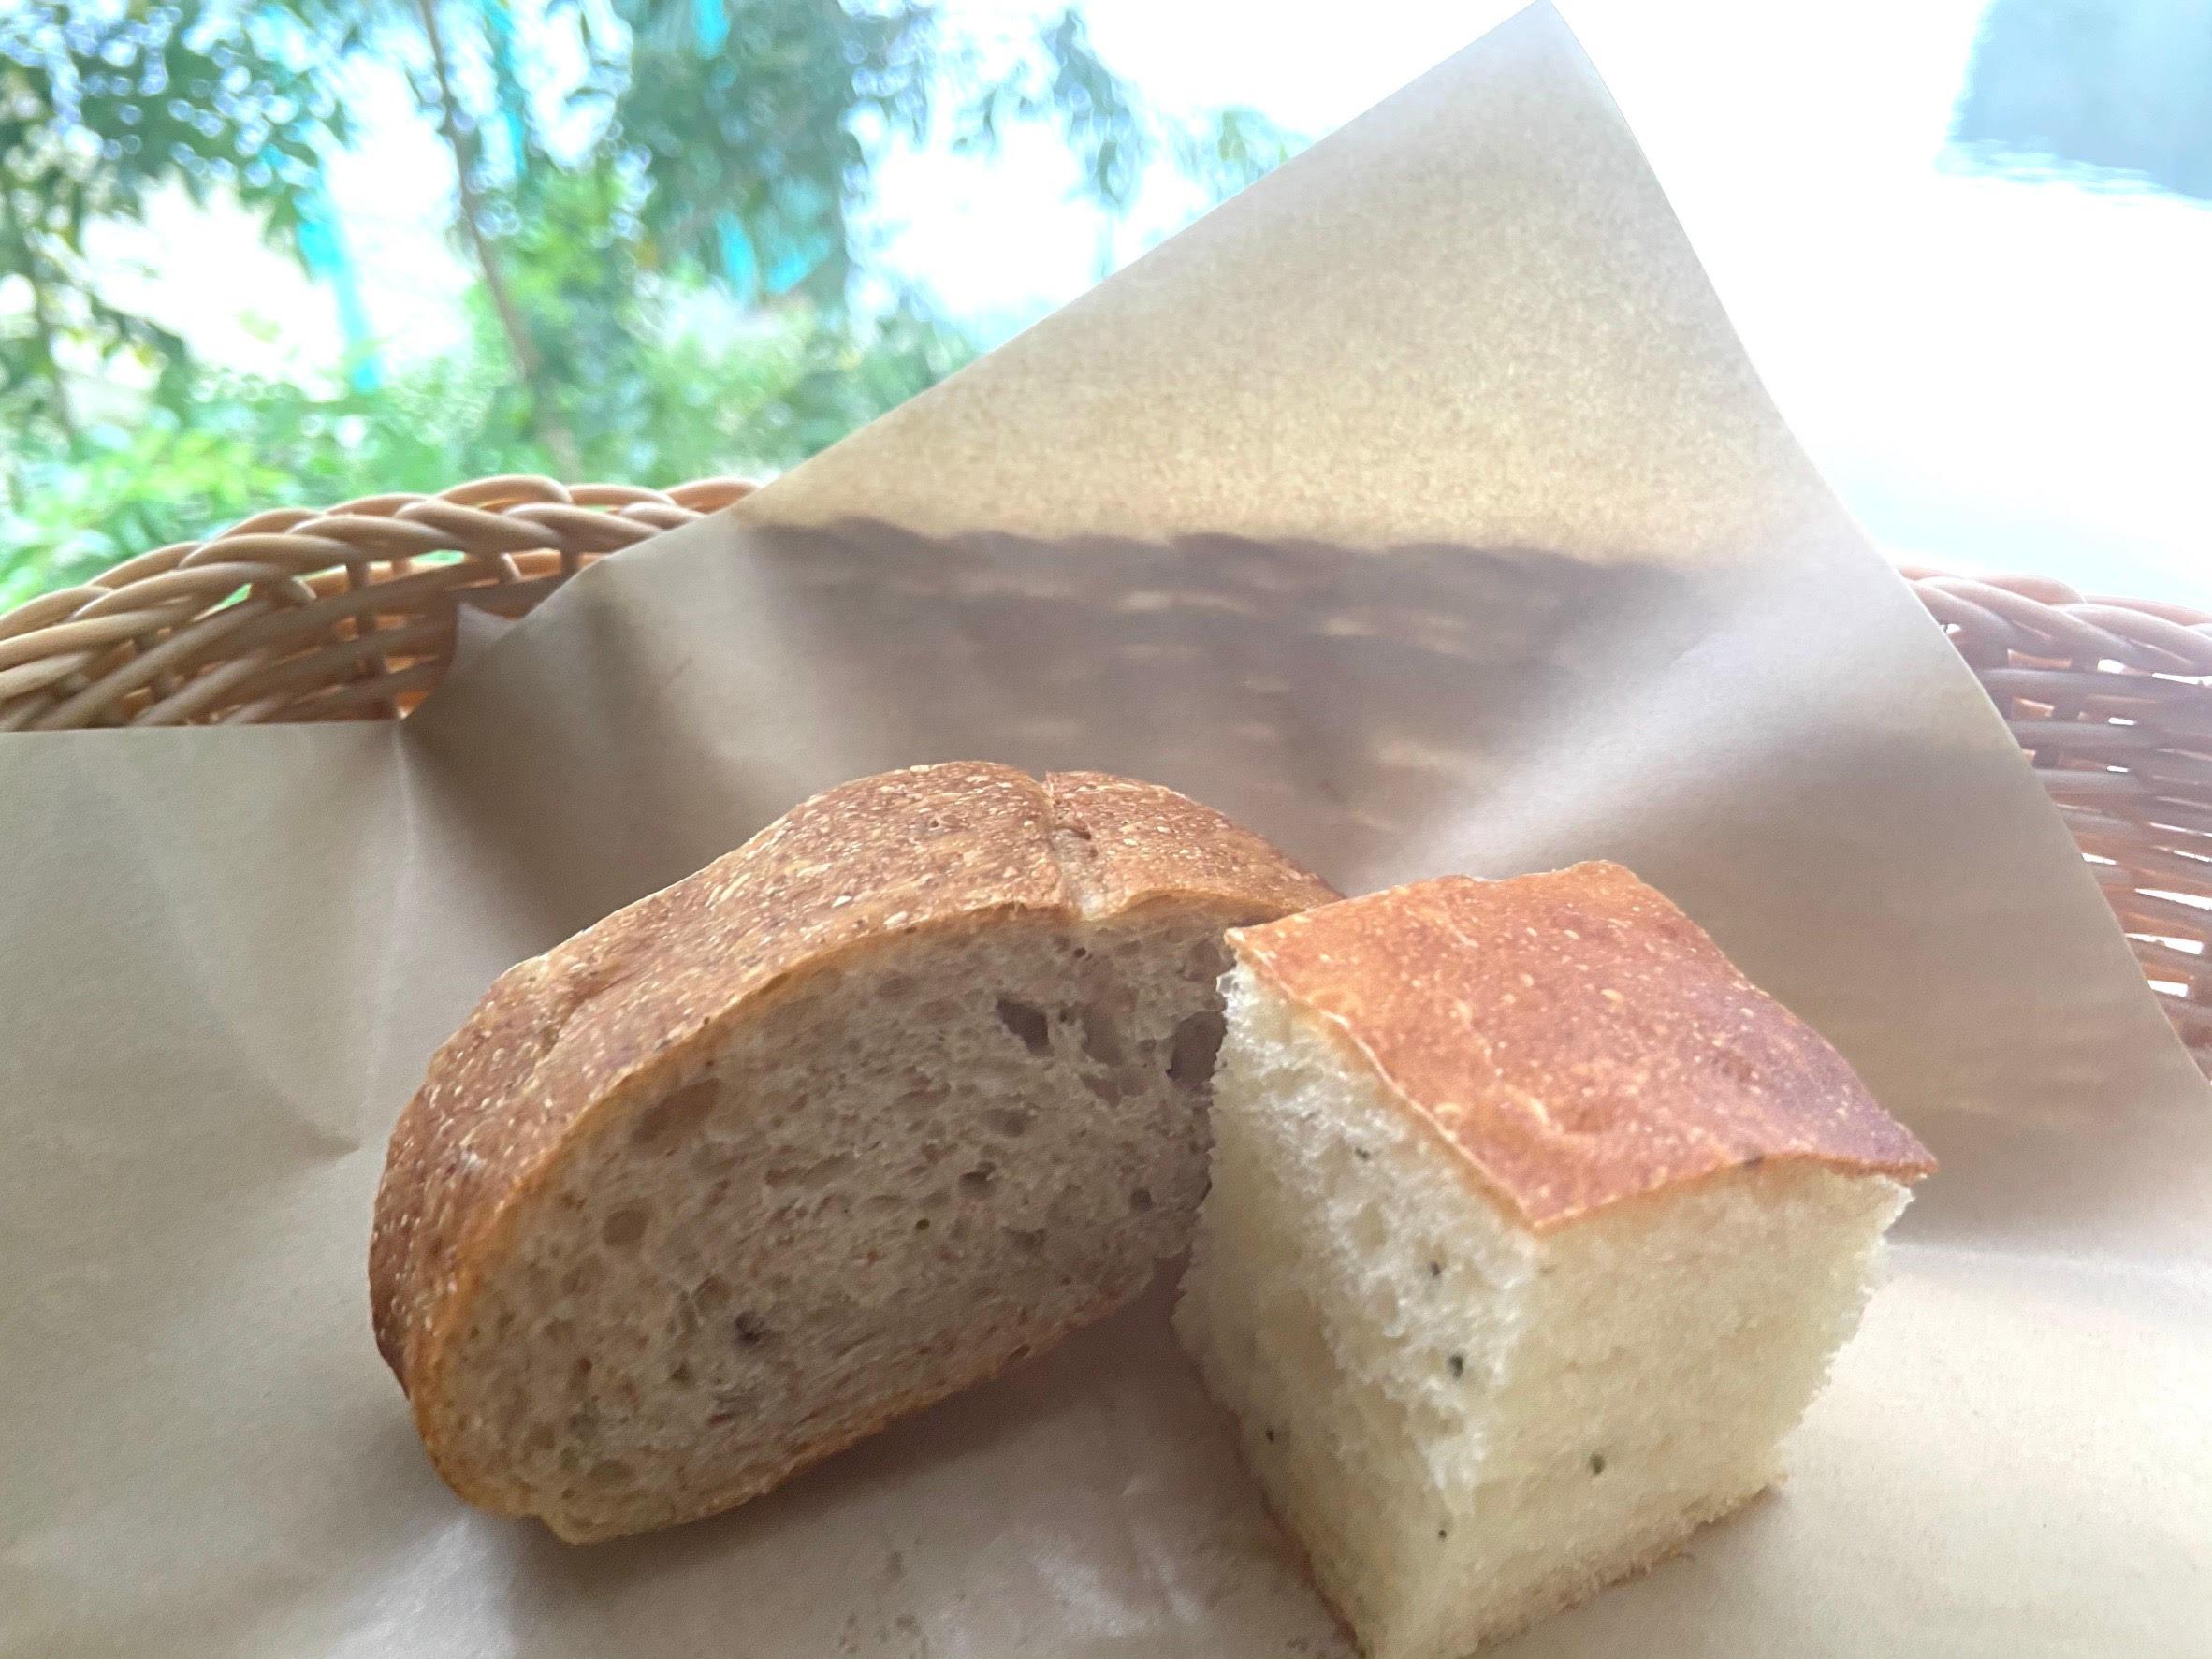 ローズマリーの爽やかな香りとふわふわの弾力のあるフォカッチャと6種類の穀物を使用した香ばしい風味のイタリアのパンです。